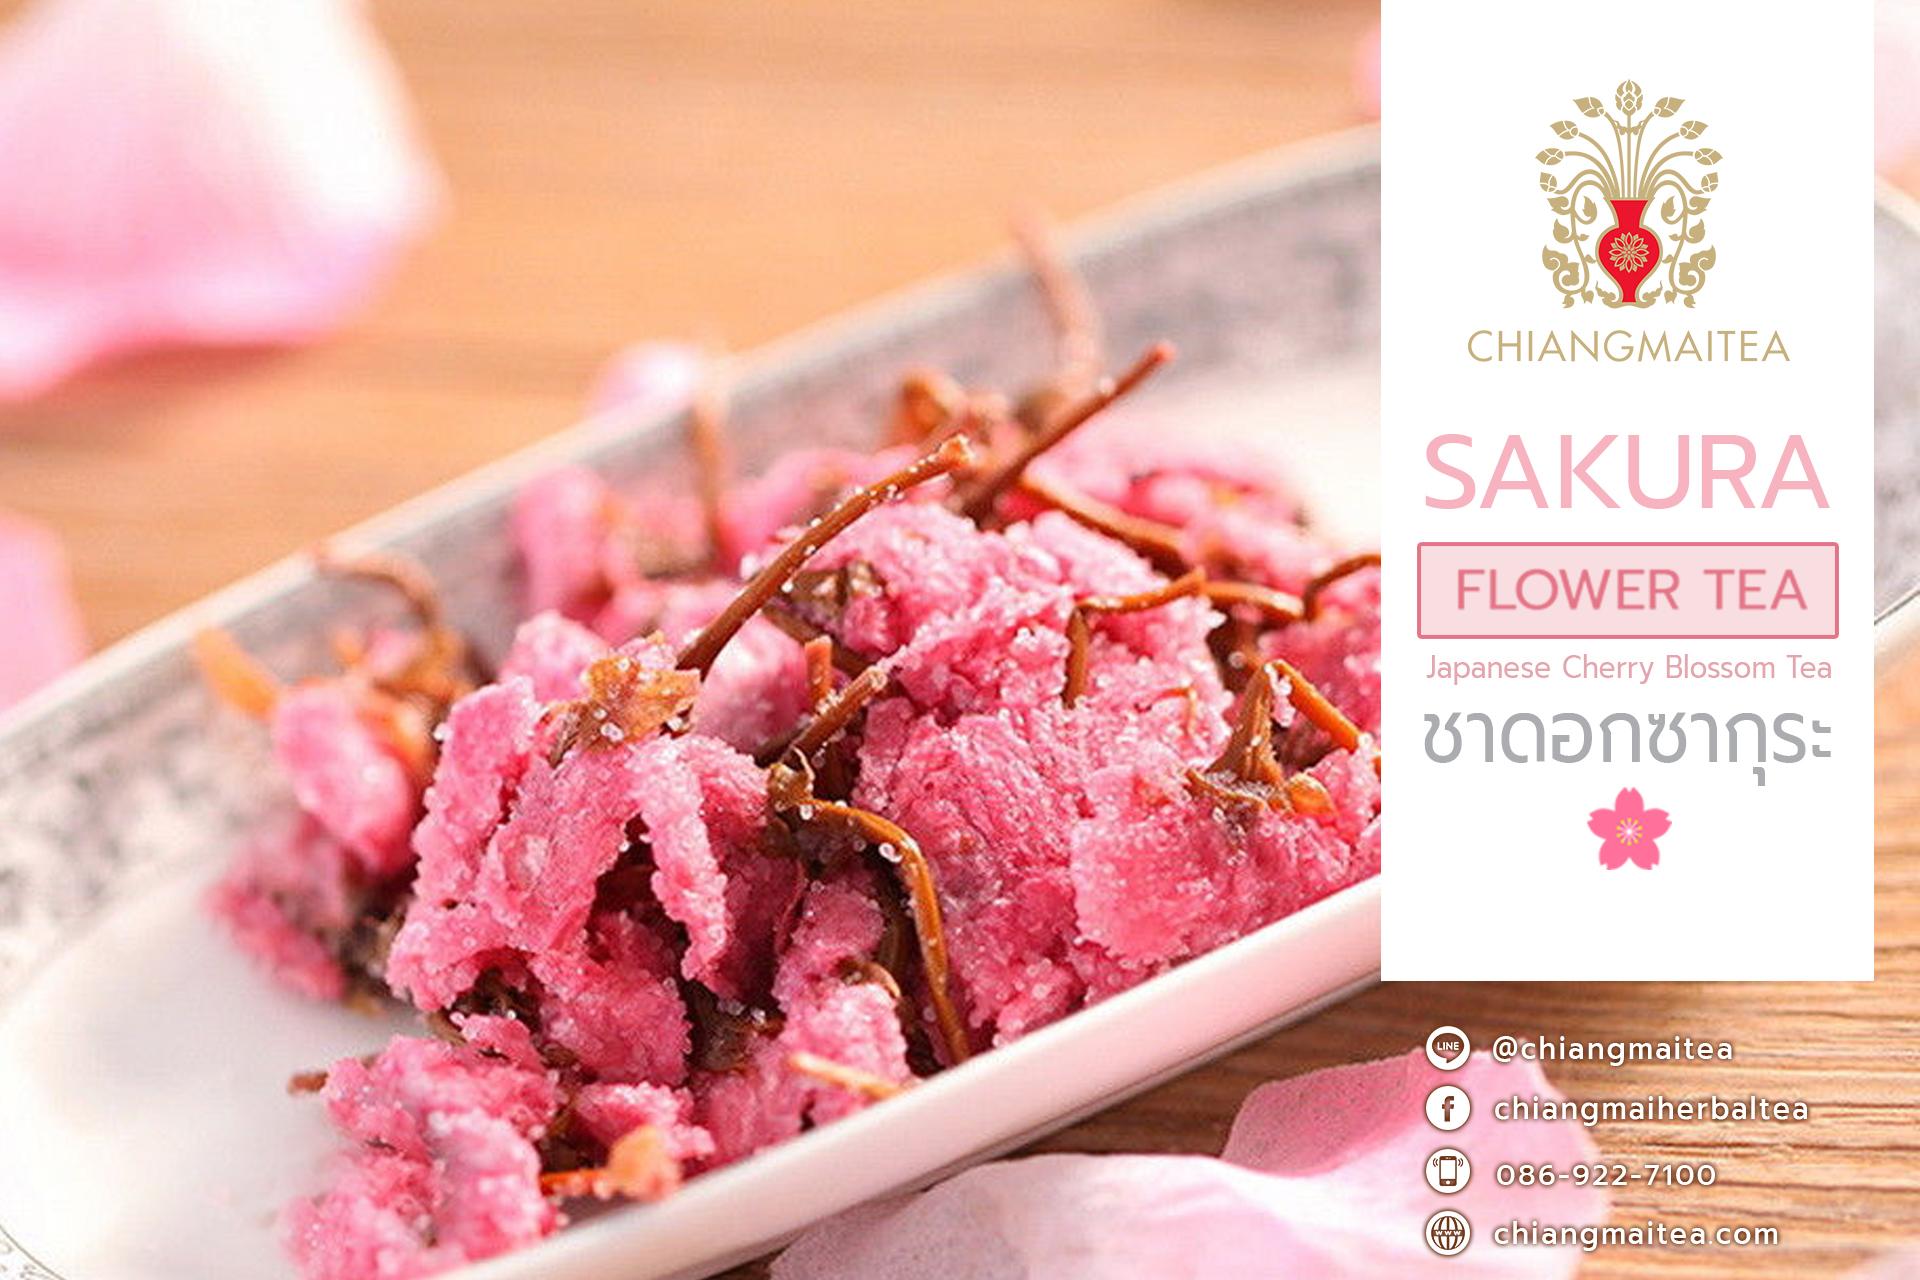 ชาดอกซากุระ (Sakura FlowerTea)